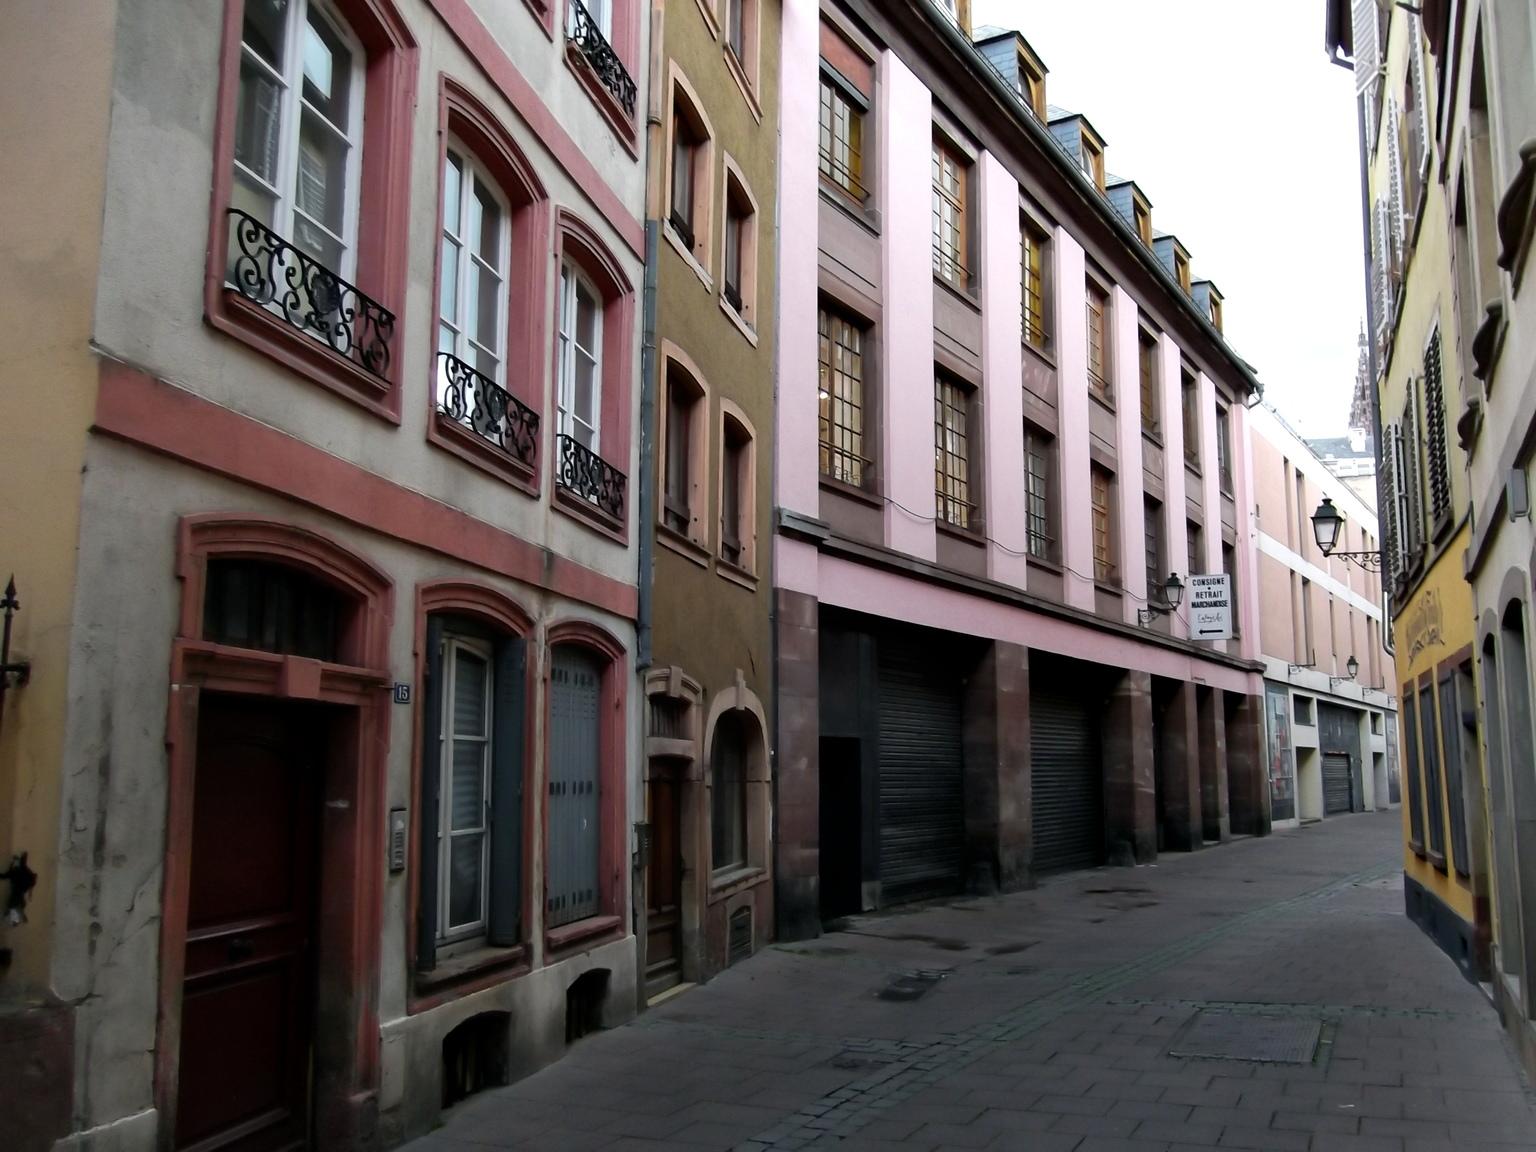 Pro Gouttiere Sainte Cecile maisons de strasbourg » 23, rue sainte-hélène